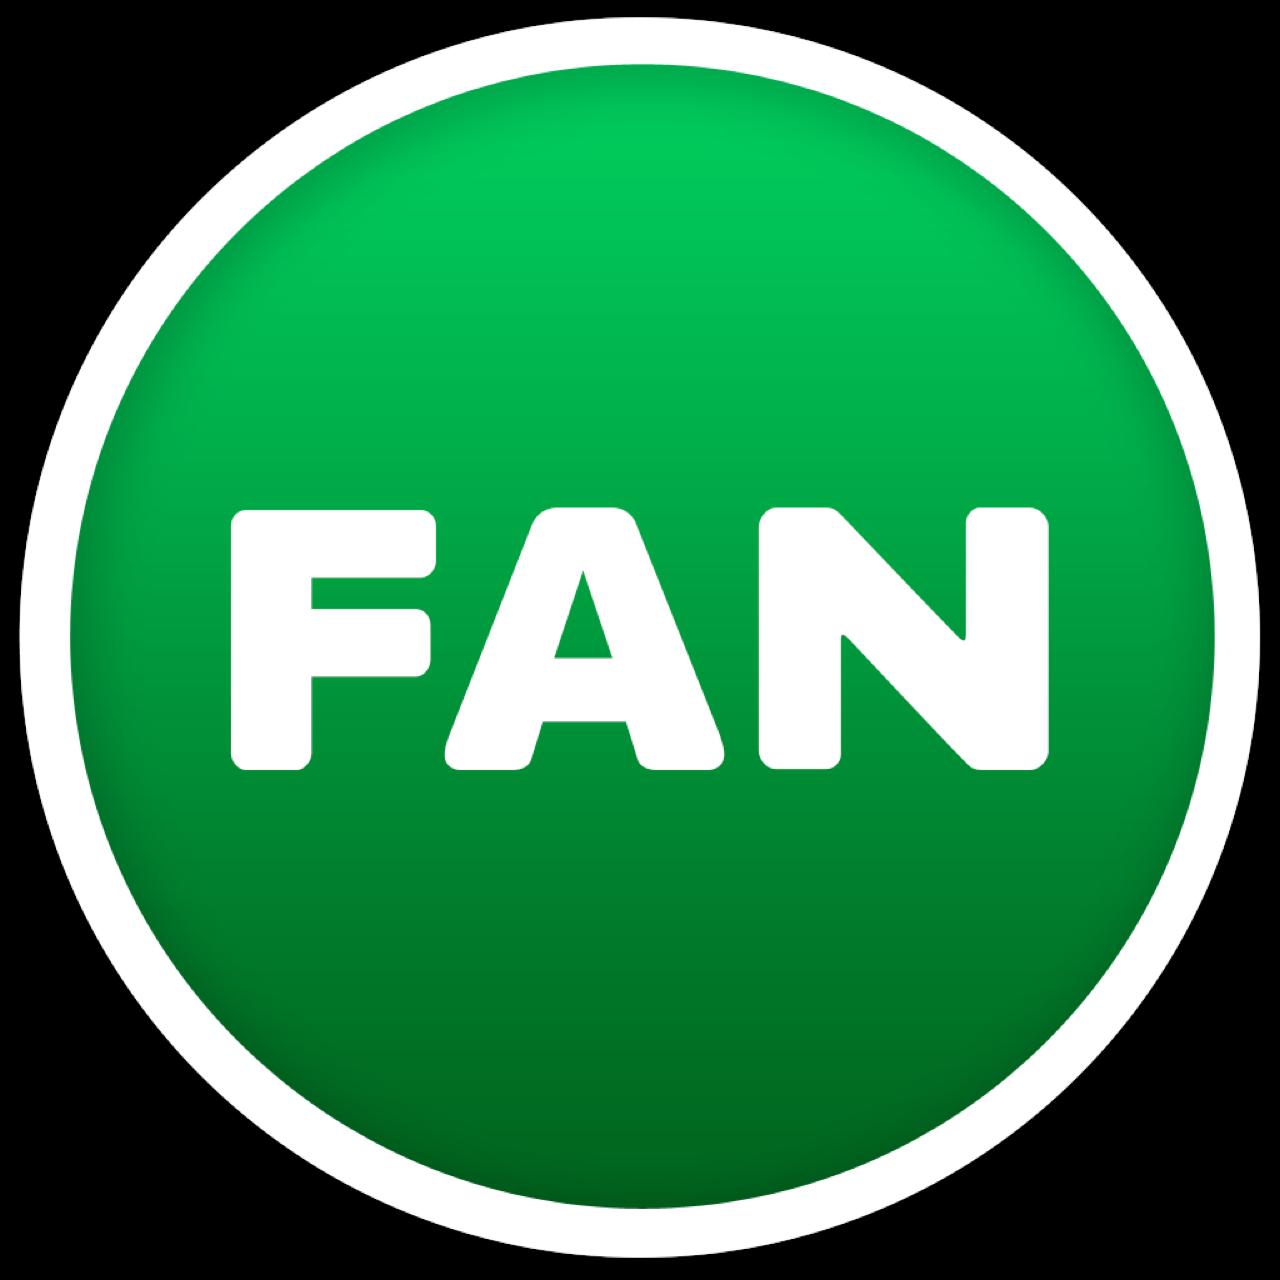 f1a1n